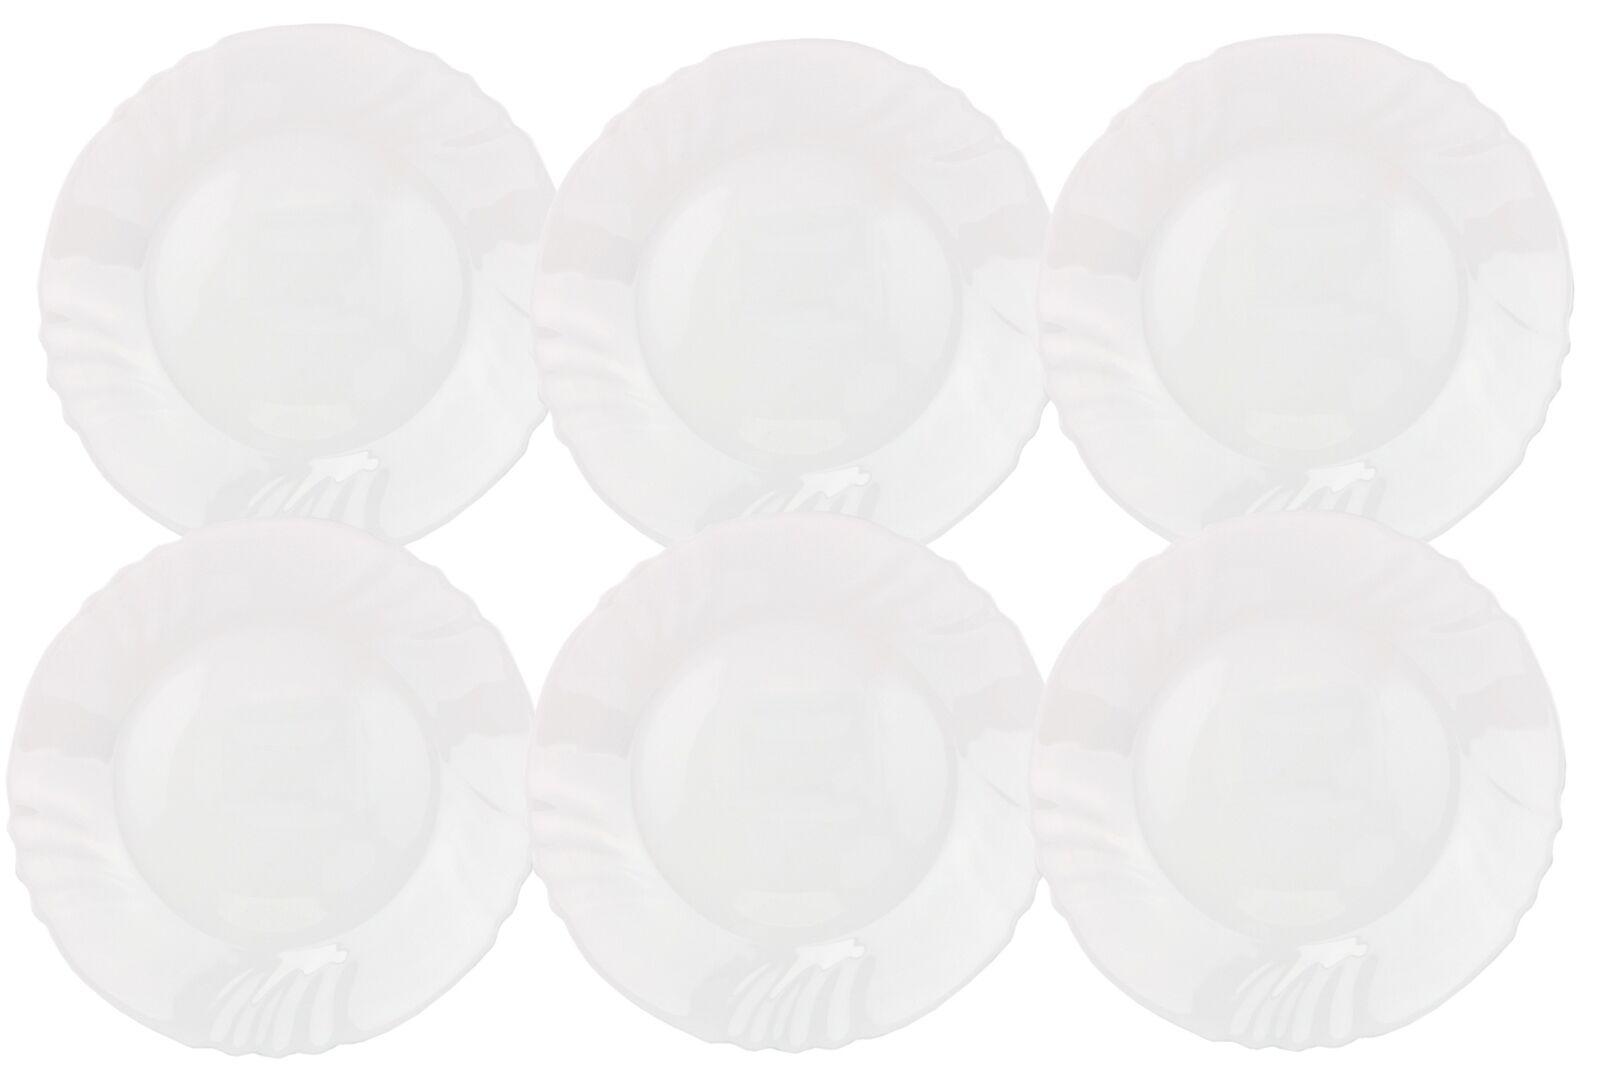 6er Set Essteller Ebro Hartglas weiß flach rund 23,5cm Geschirr Speiseteller Neu